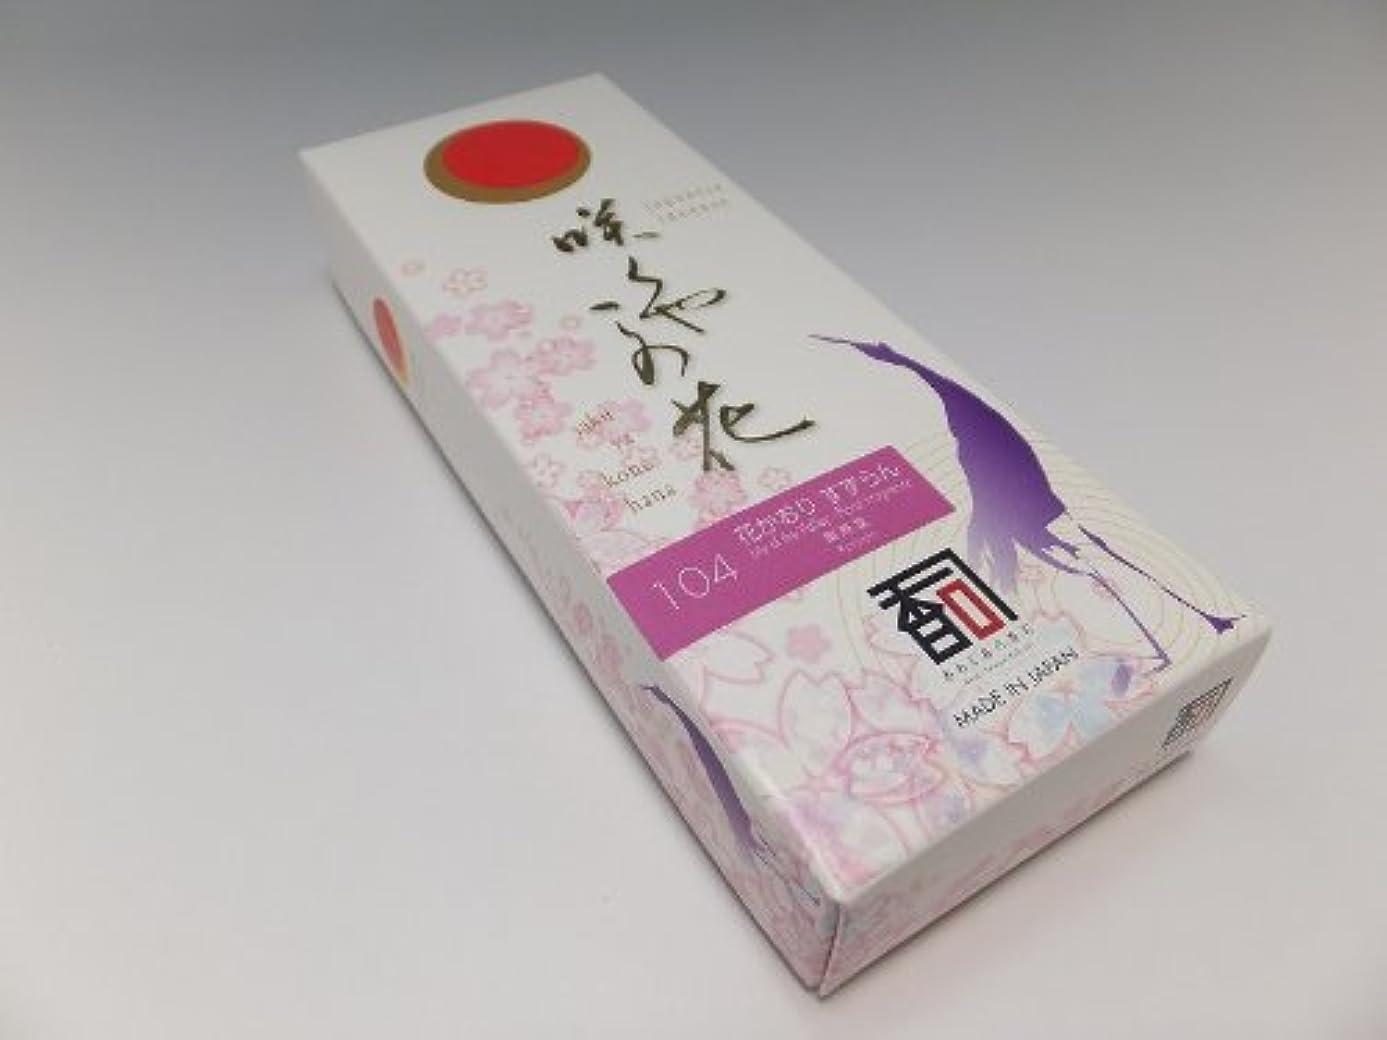 蒸留とんでもない与える「あわじ島の香司」 日本の香りシリーズ  [咲くや この花] 【104】 花かおり すずらん (煙少)